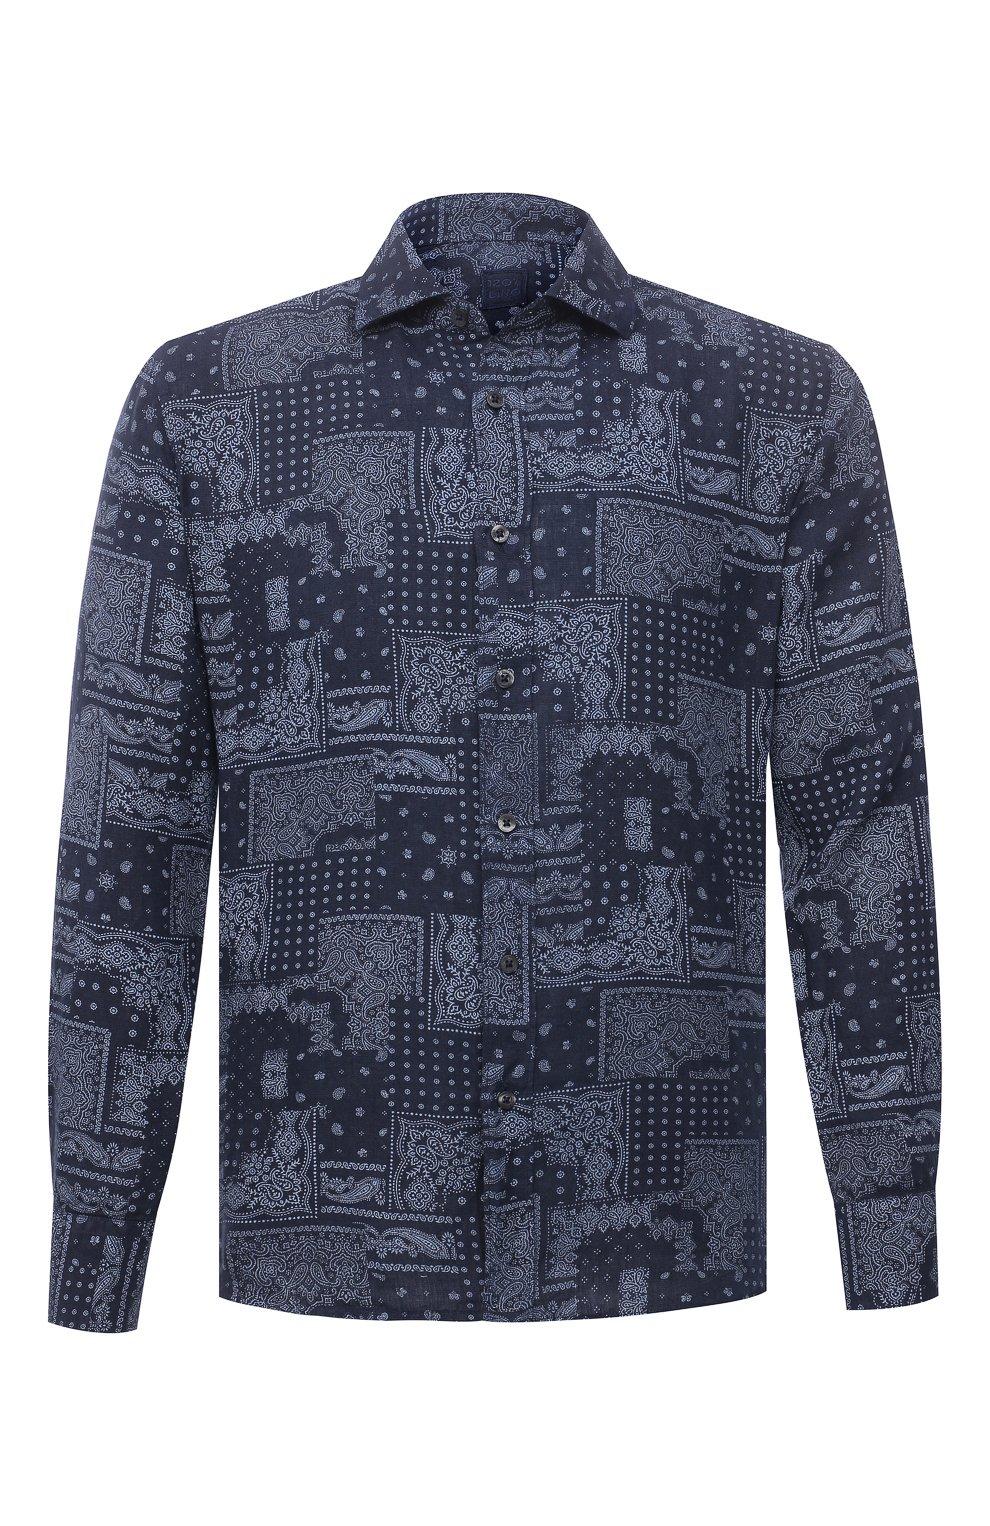 Мужская льняная рубашка 120% LINO темно-синего цвета, арт. T0M1311/F970/000 | Фото 1 (Манжеты: На пуговицах; Рукава: Длинные; Воротник: Акула; Случай: Повседневный; Длина (для топов): Стандартные; Принт: С принтом; Материал внешний: Лен; Мужское Кросс-КТ: Рубашка-одежда; Стили: Кэжуэл)